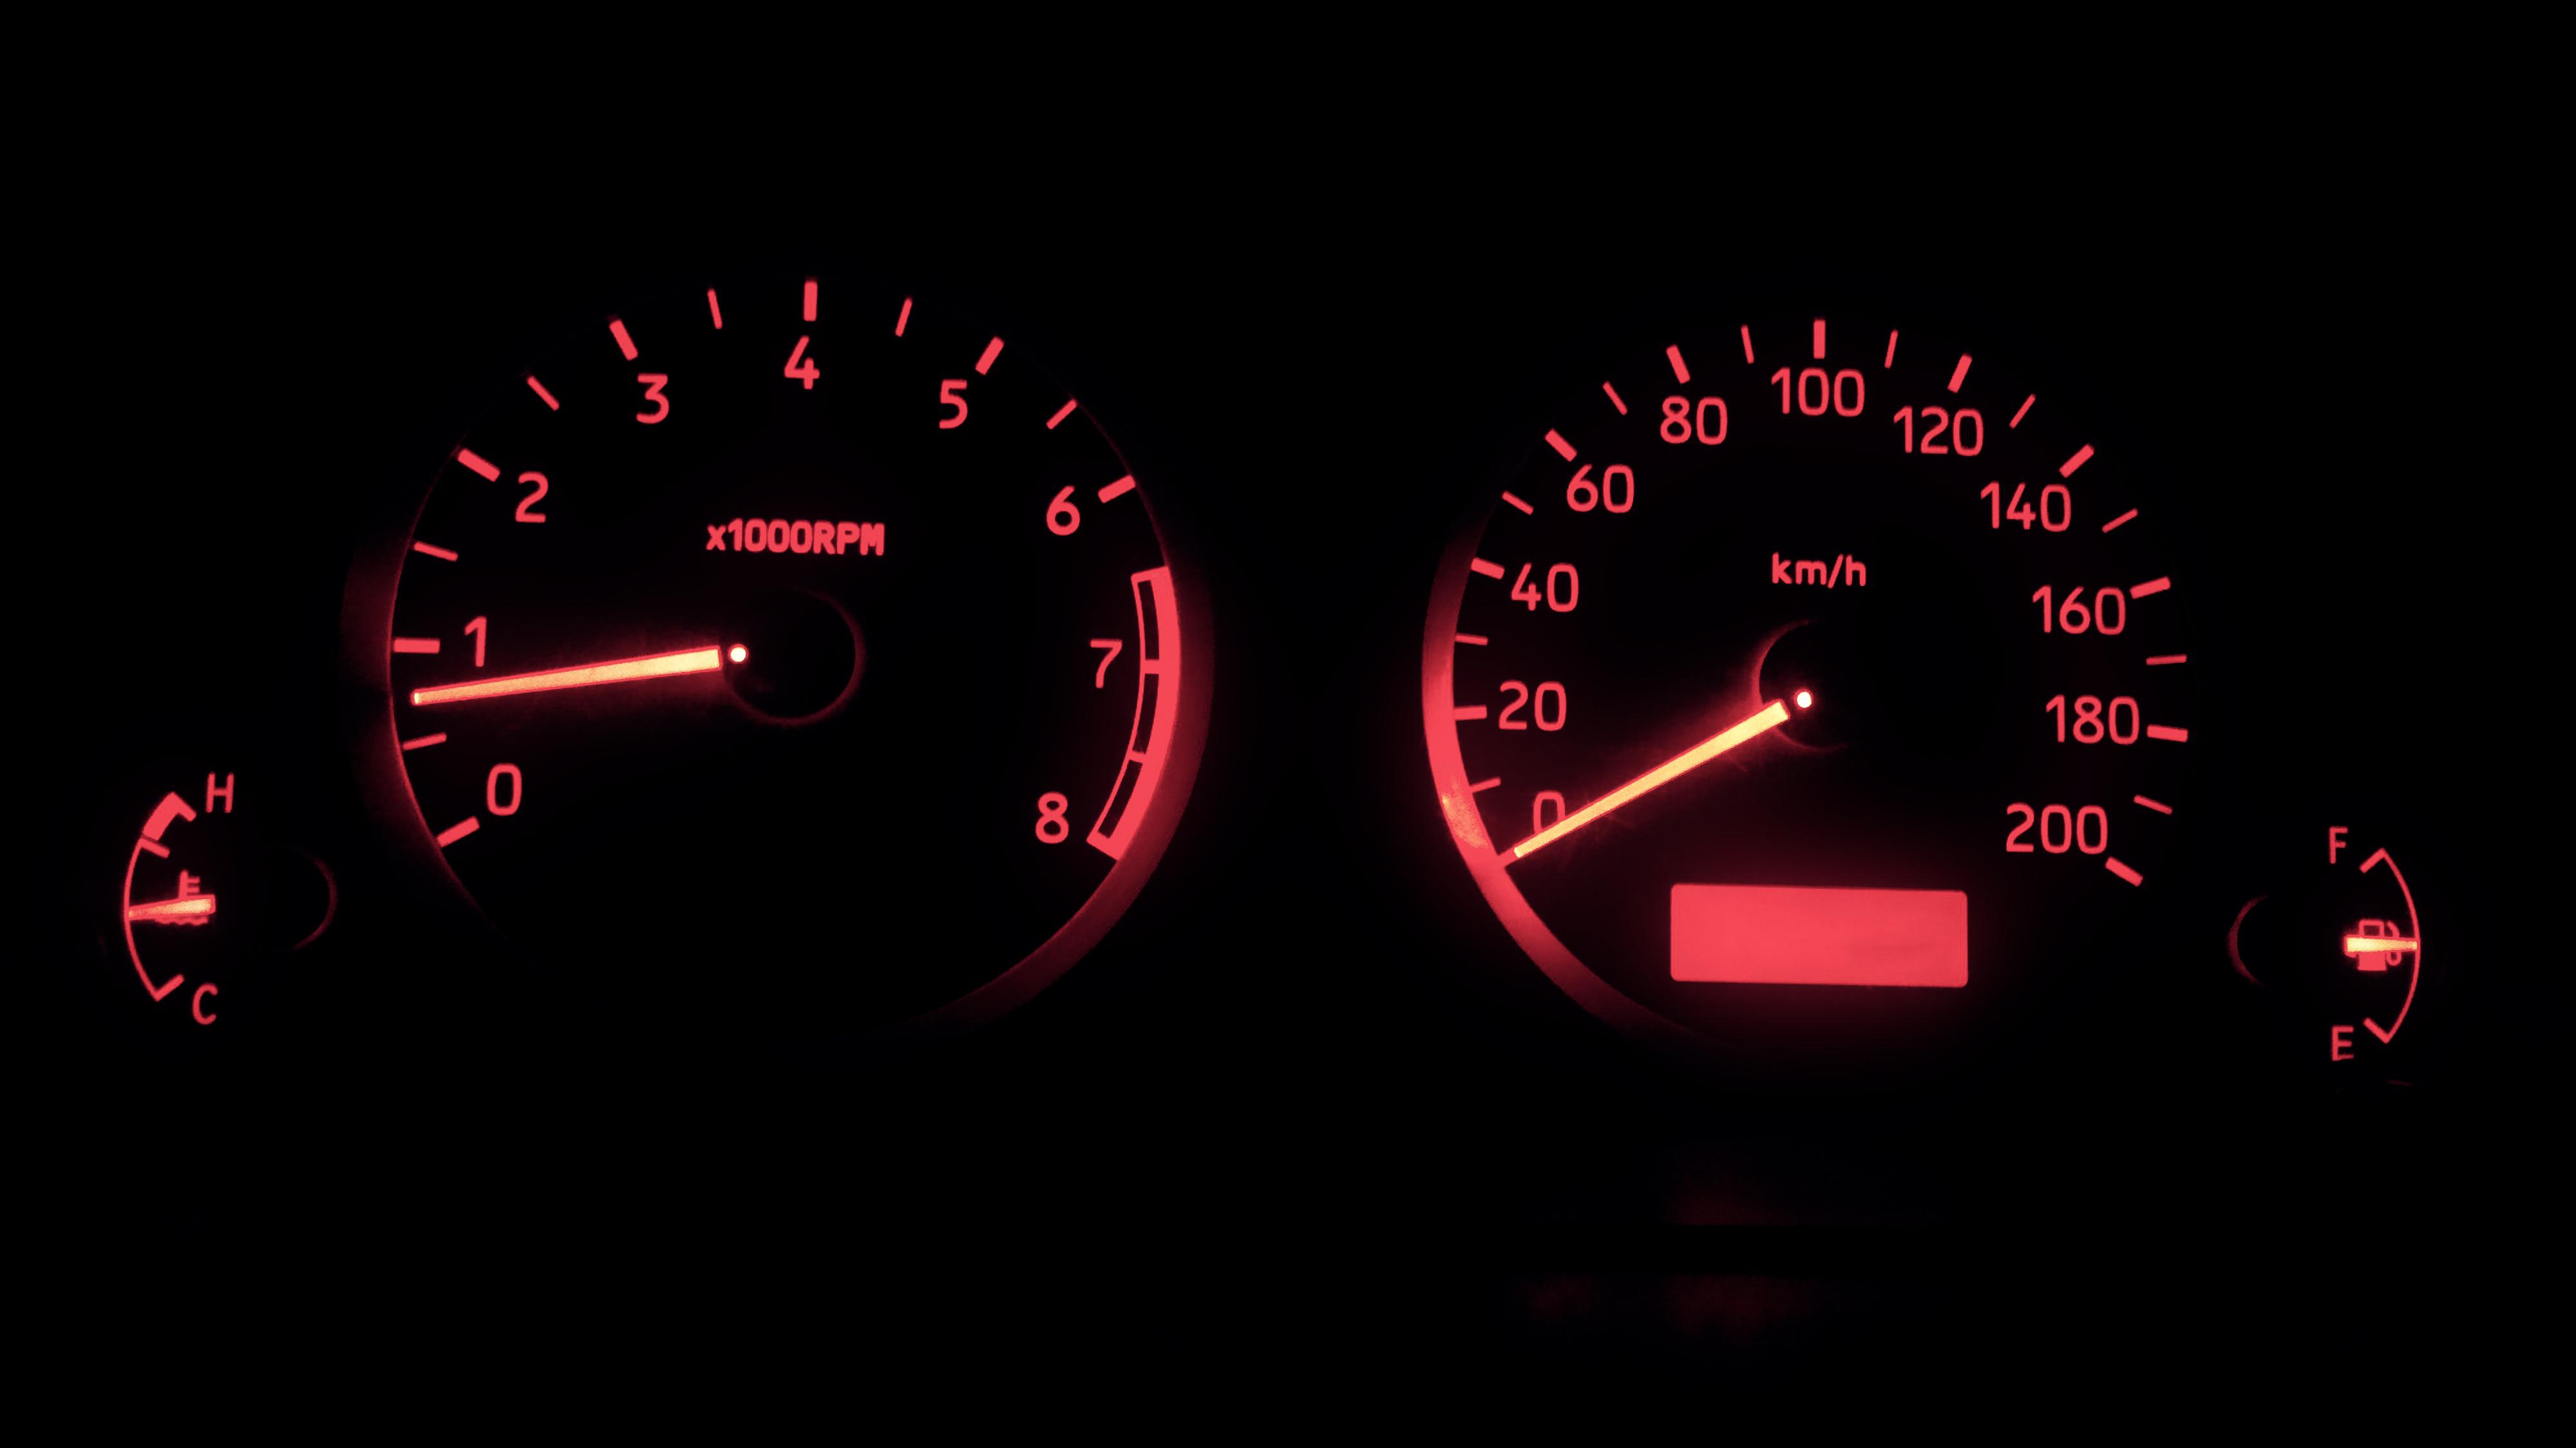 Liana owners & fan club - suzuki liana speedometer by tehse7en d68z5vn